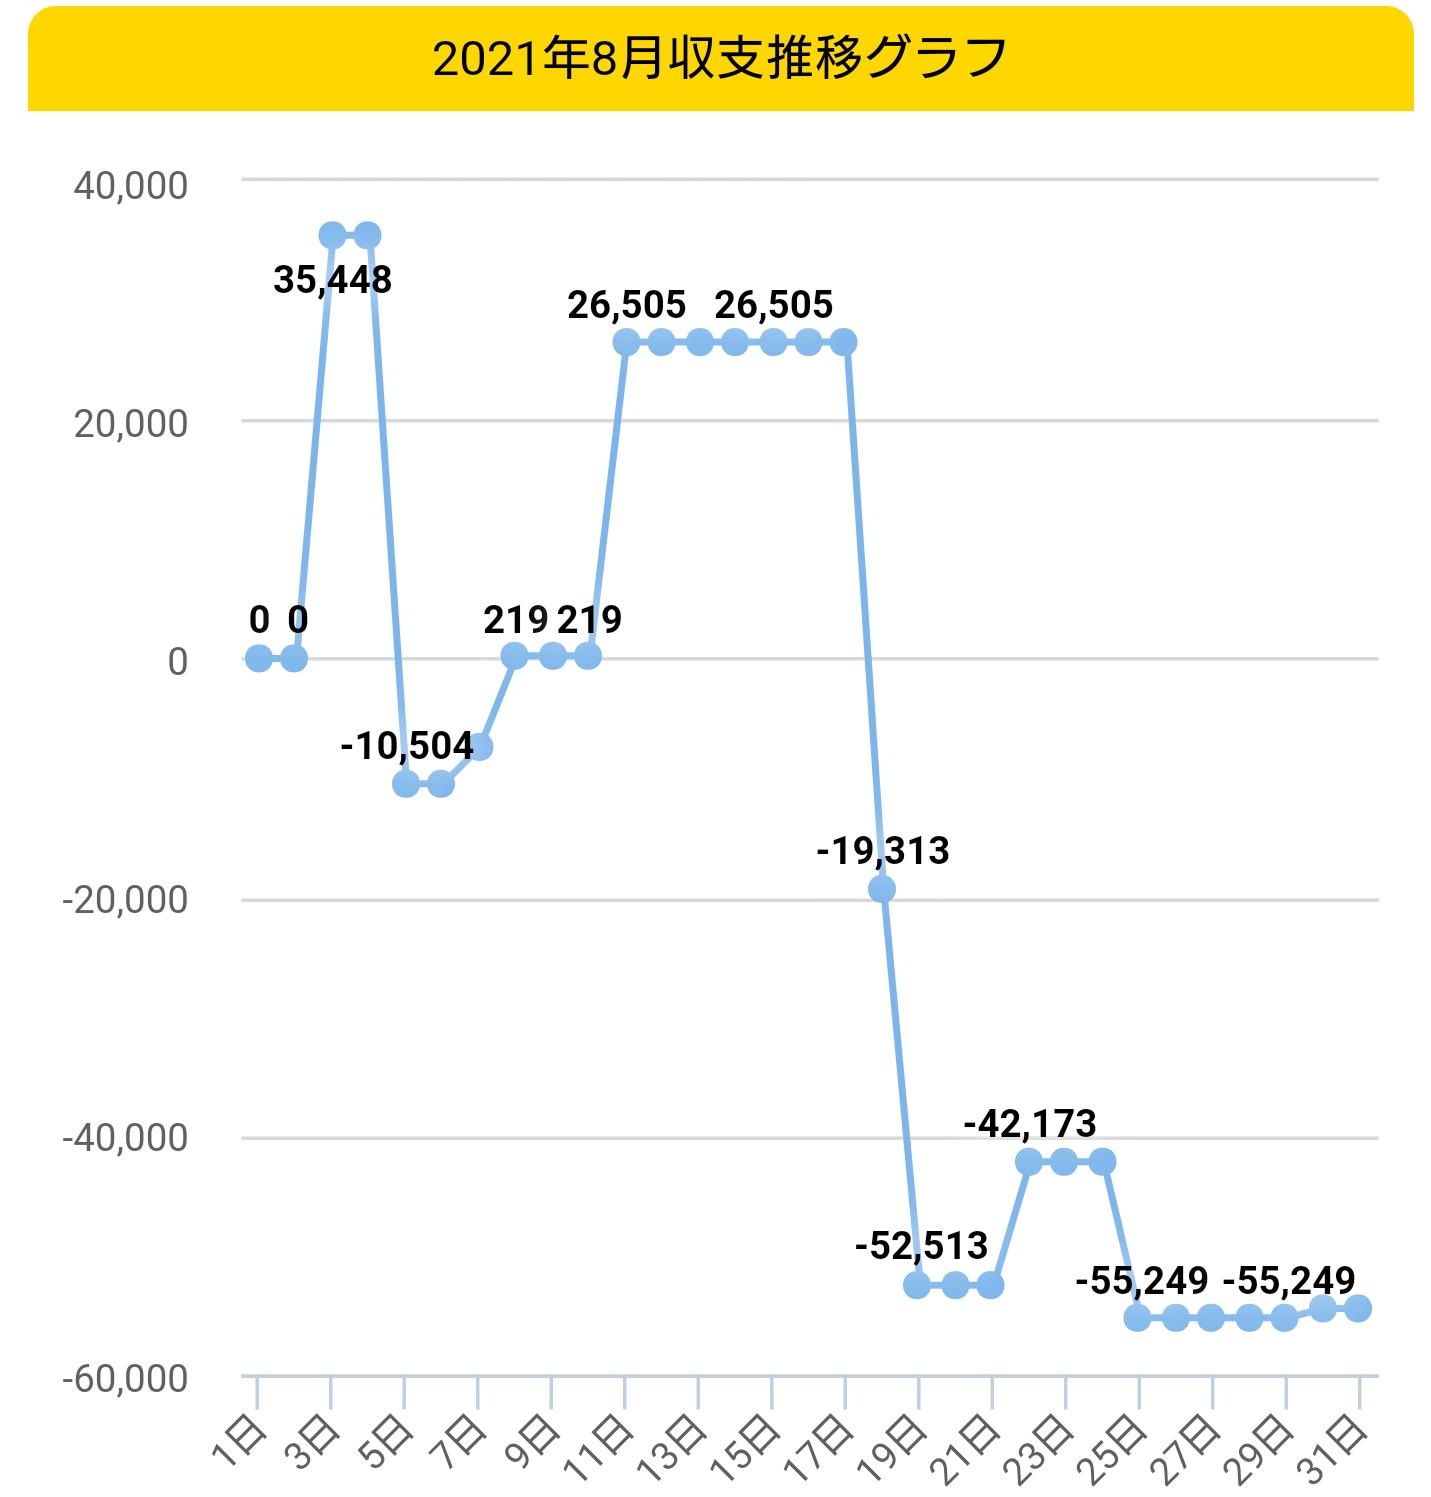 2021年8月収支グラフ